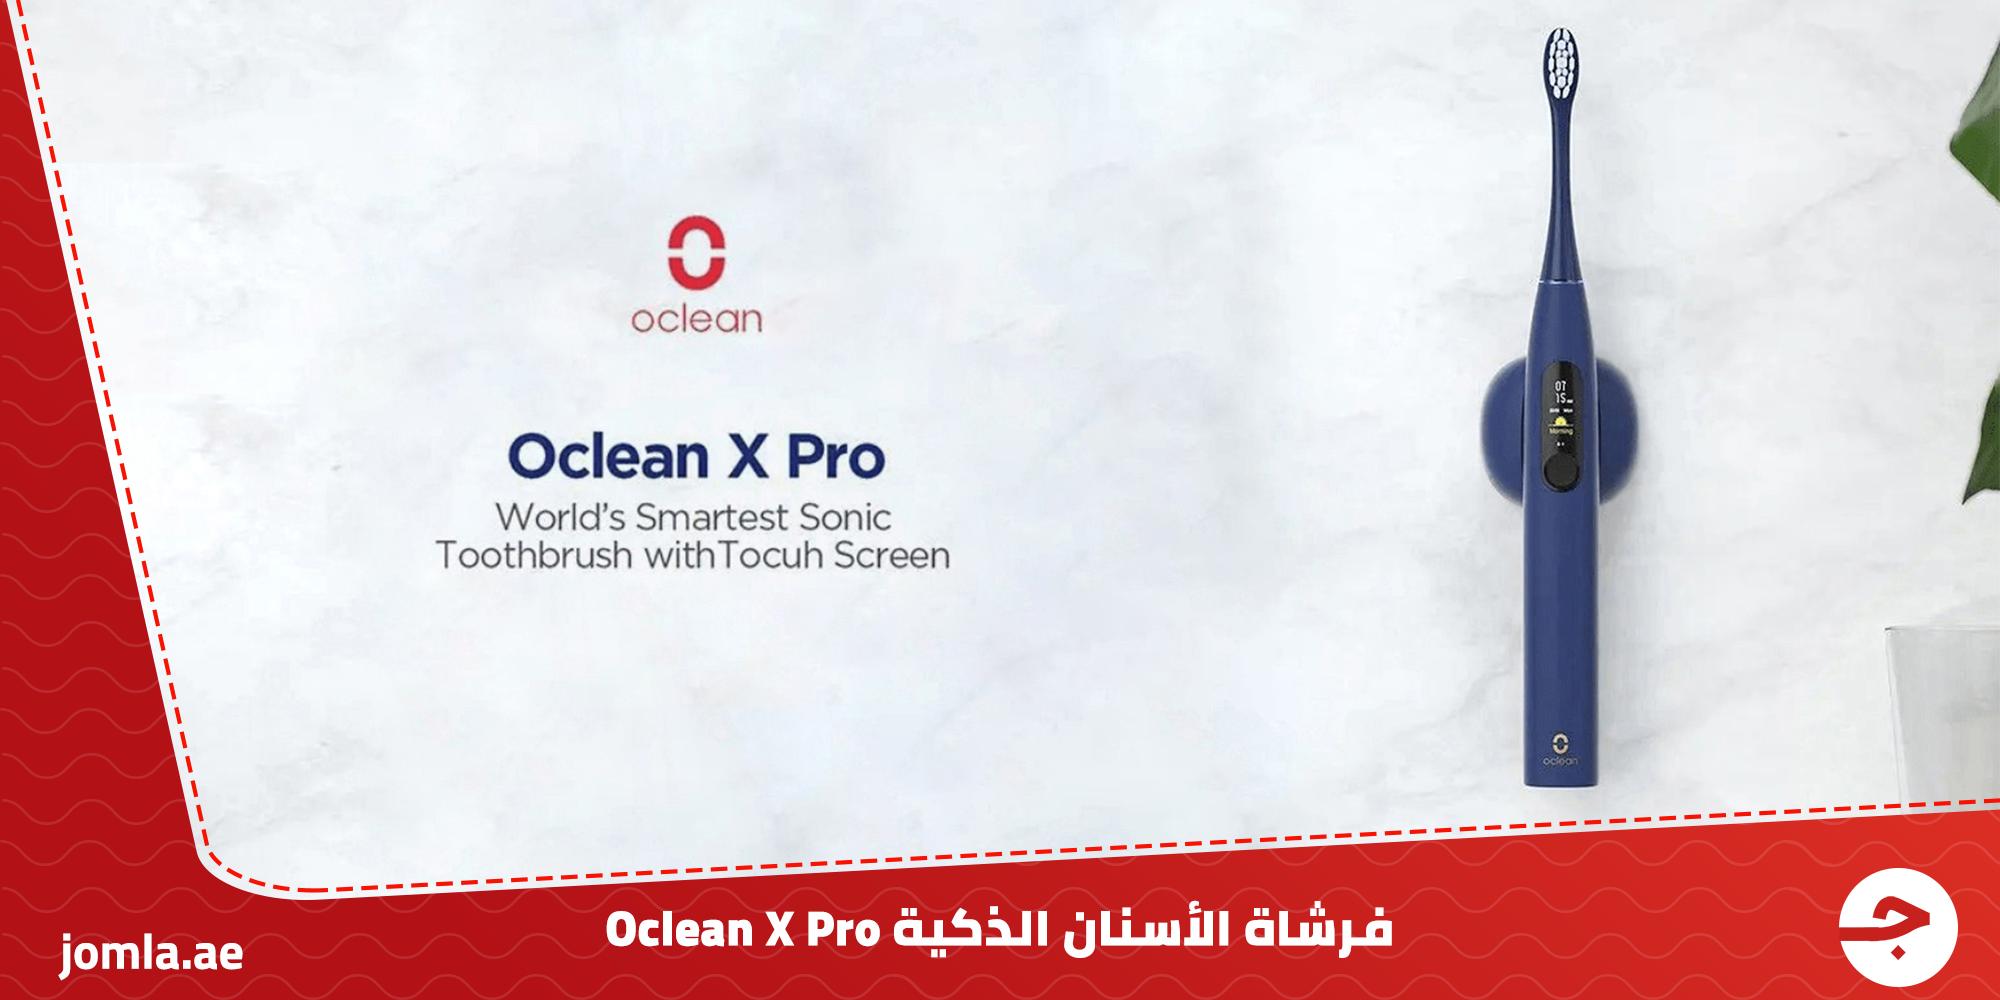 فرشاة الأسنان Oclean X Pro